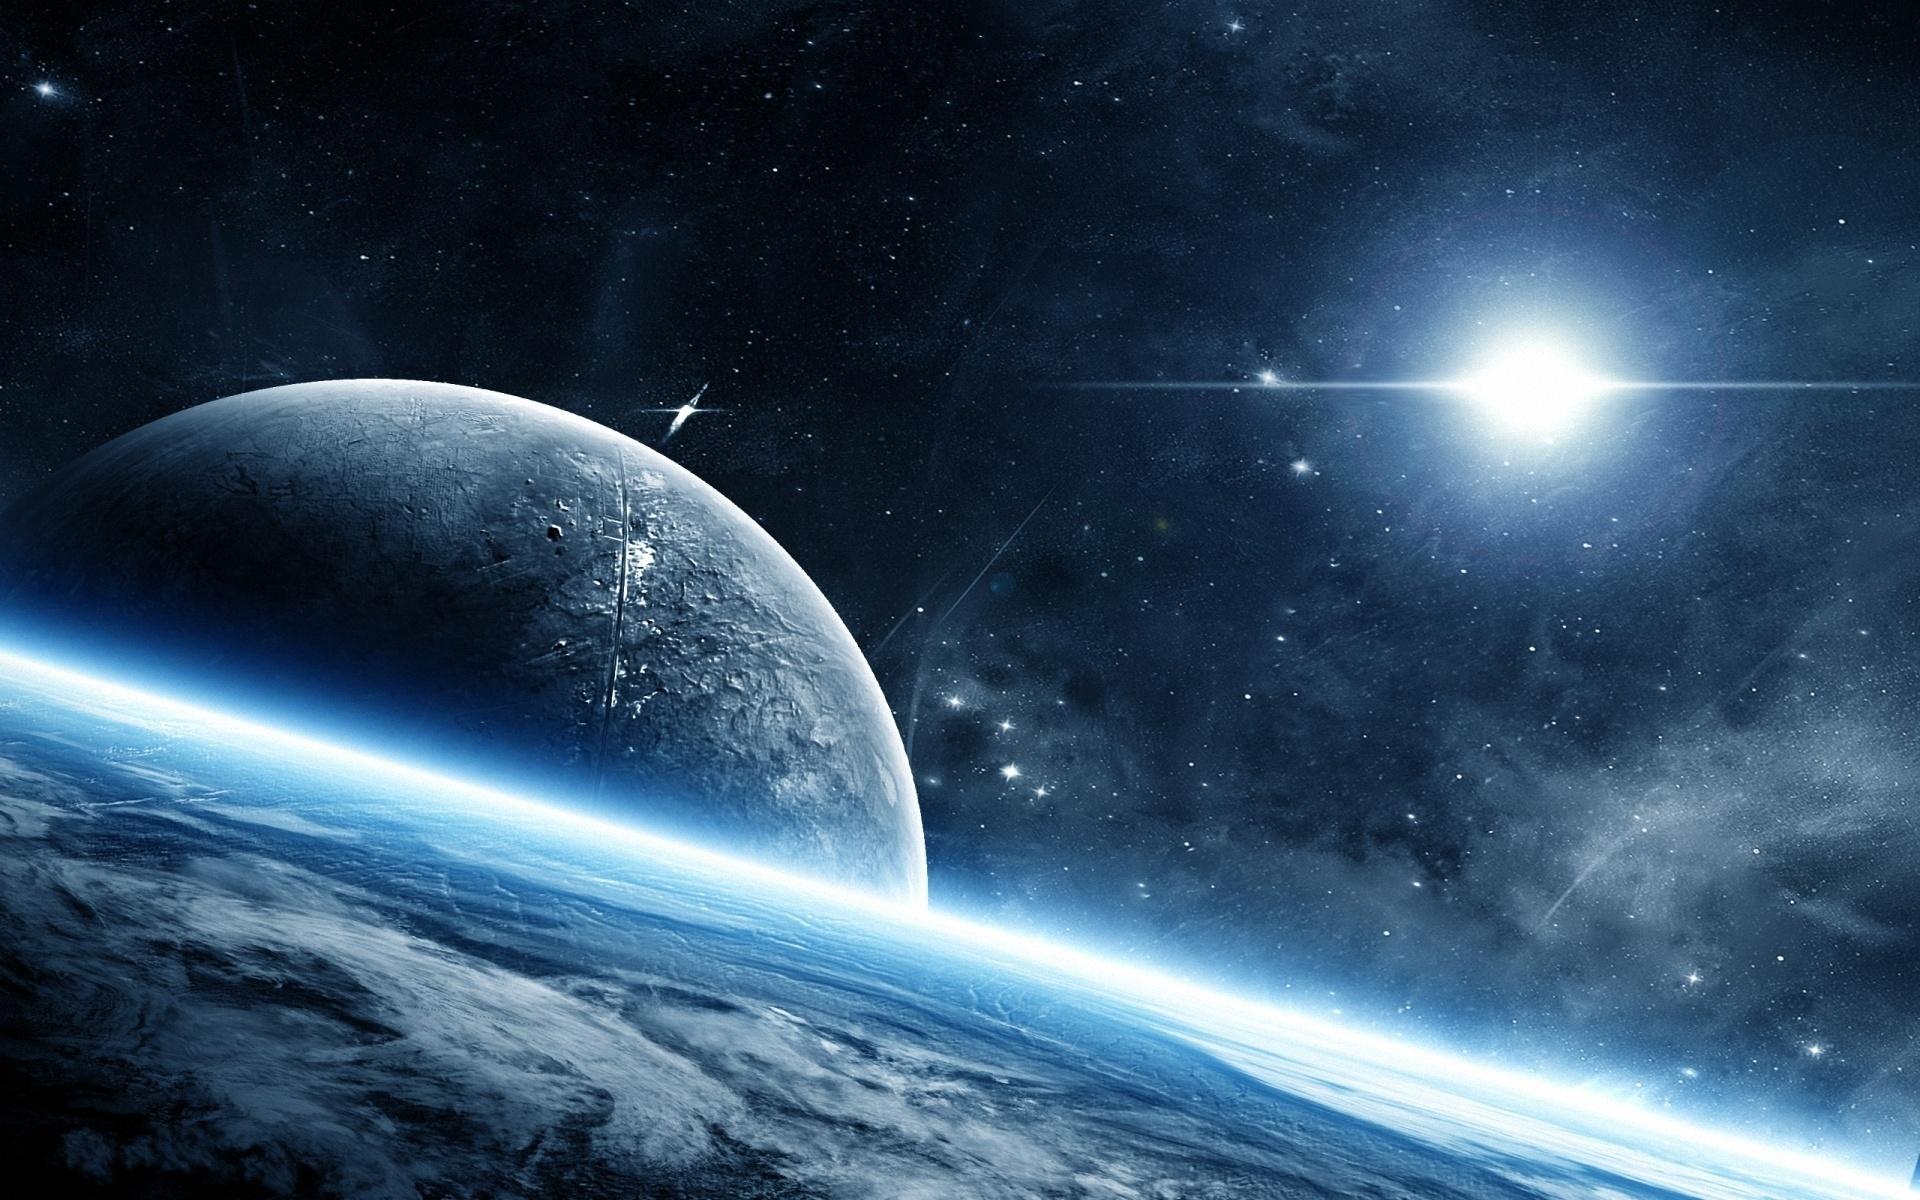 Обои Свечение за планетами картинки на рабочий стол на тему Космос - скачать  № 1772709 бесплатно